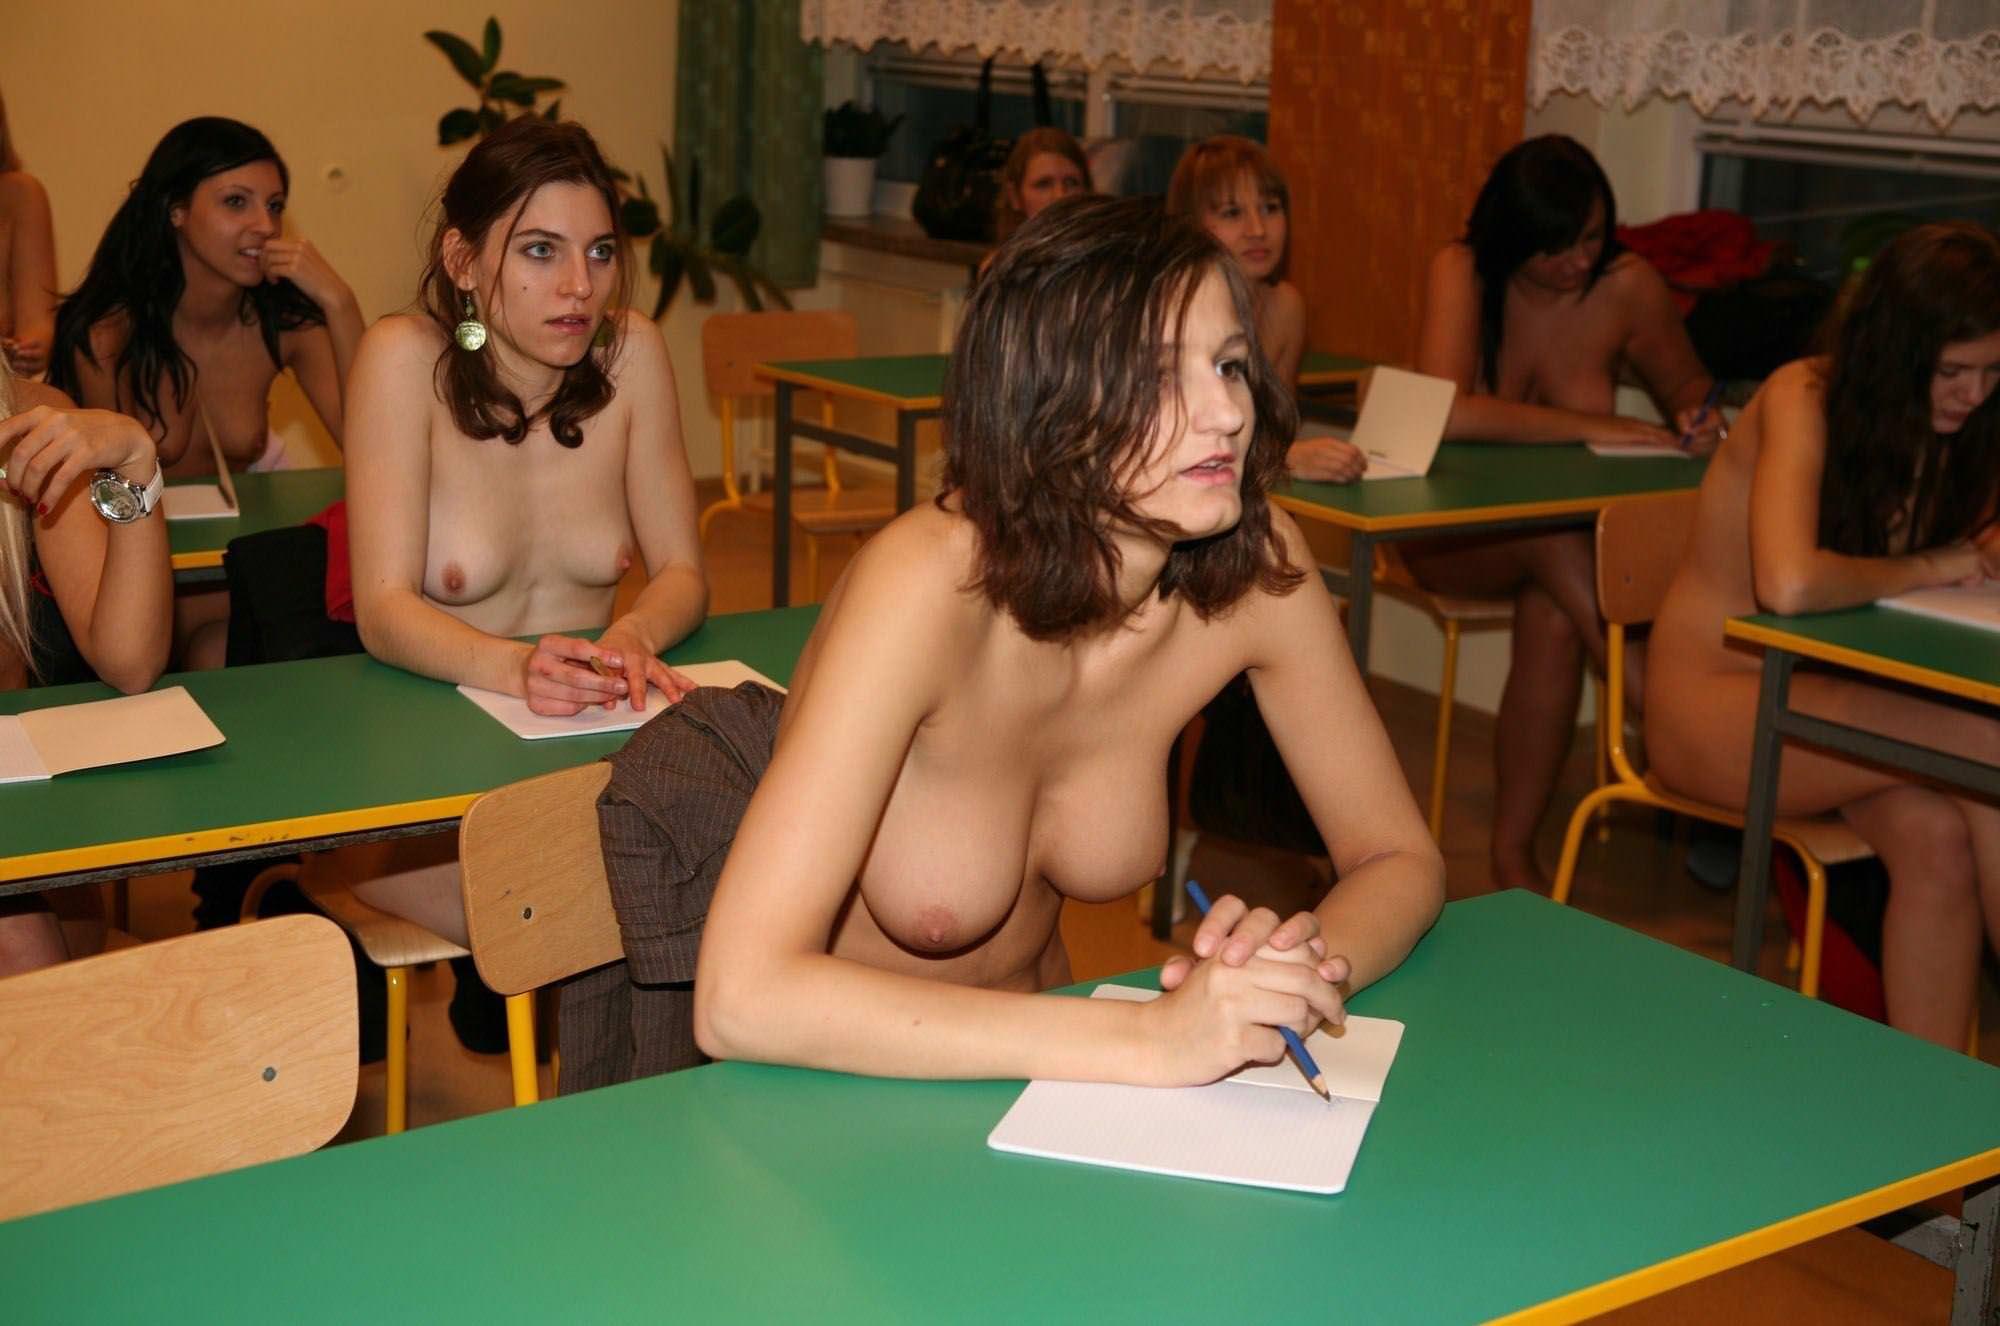 【外人】素っ裸のオールヌードで授業を受けるクラスのおふざけポルノ画像 12234